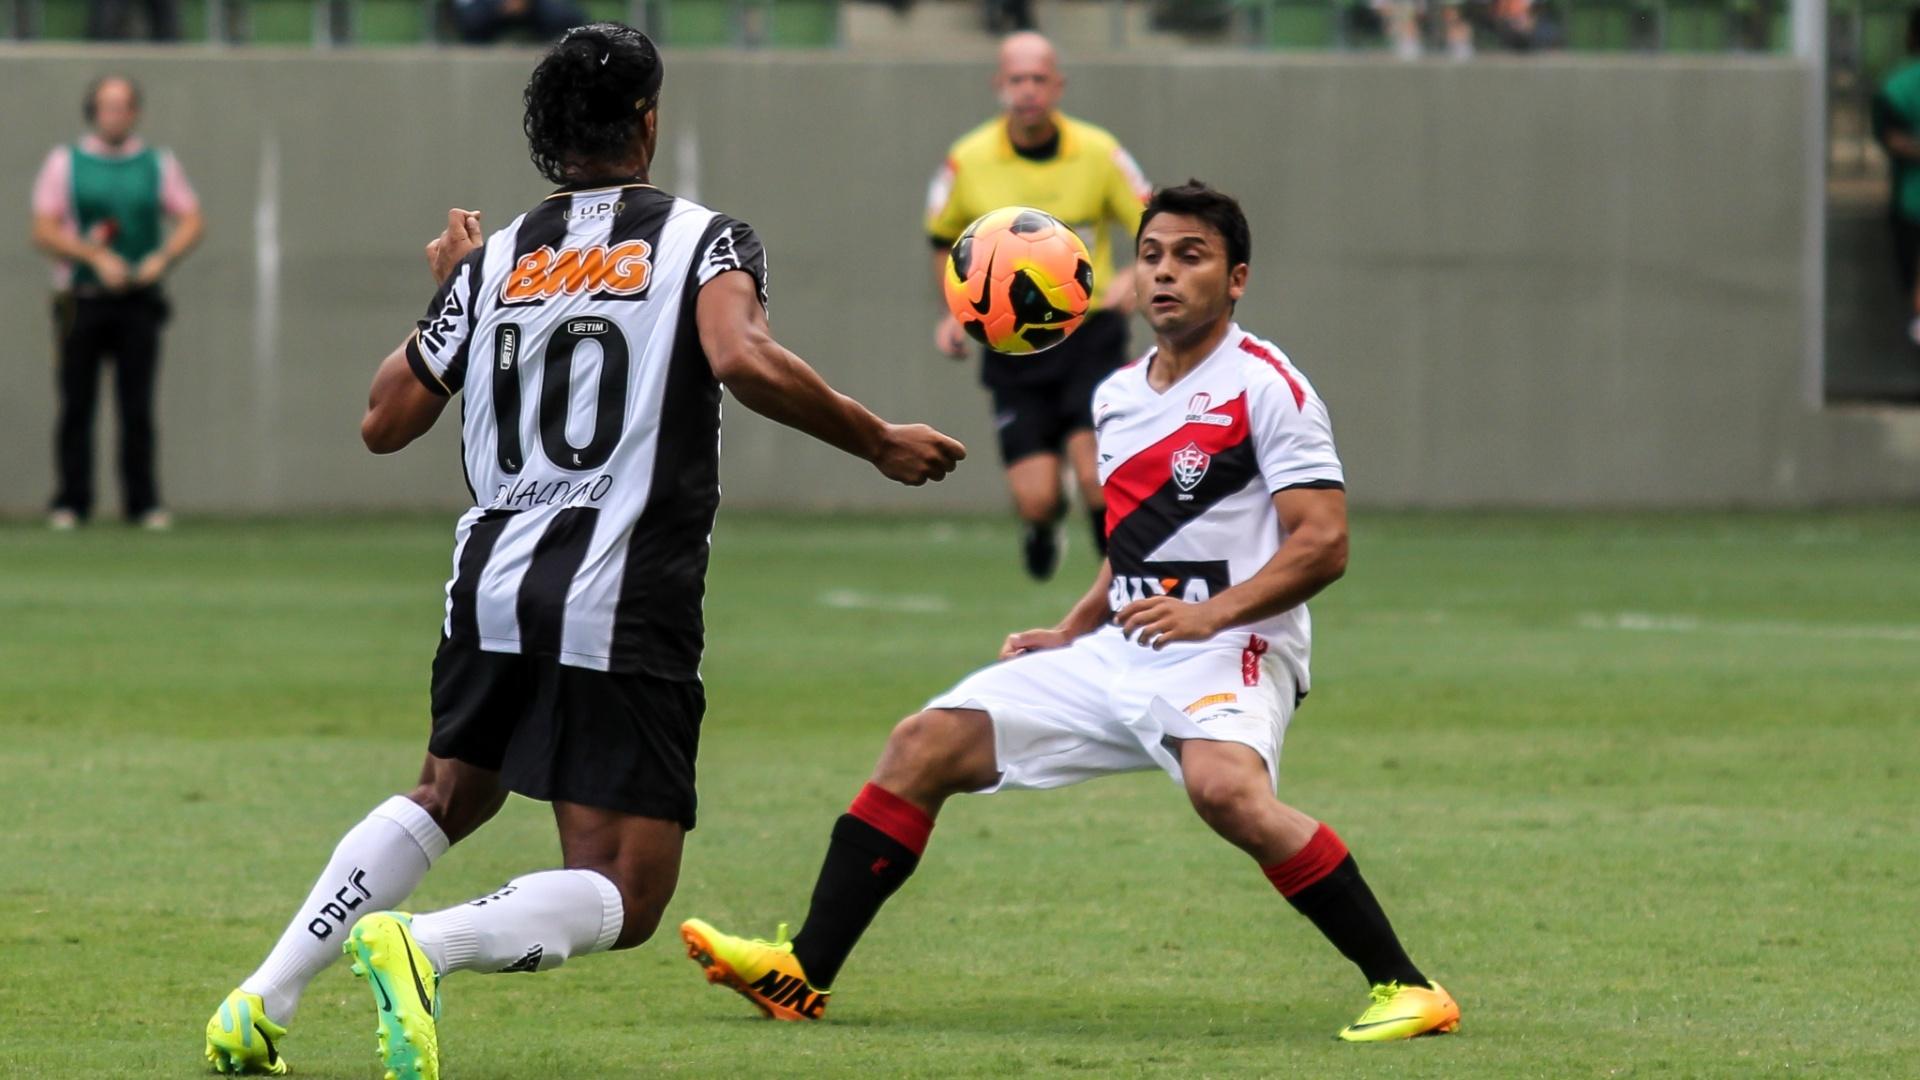 Ronaldinho Gaúcho e Maxi Biancucchi em duelo entre Atlético-MG x Vitória